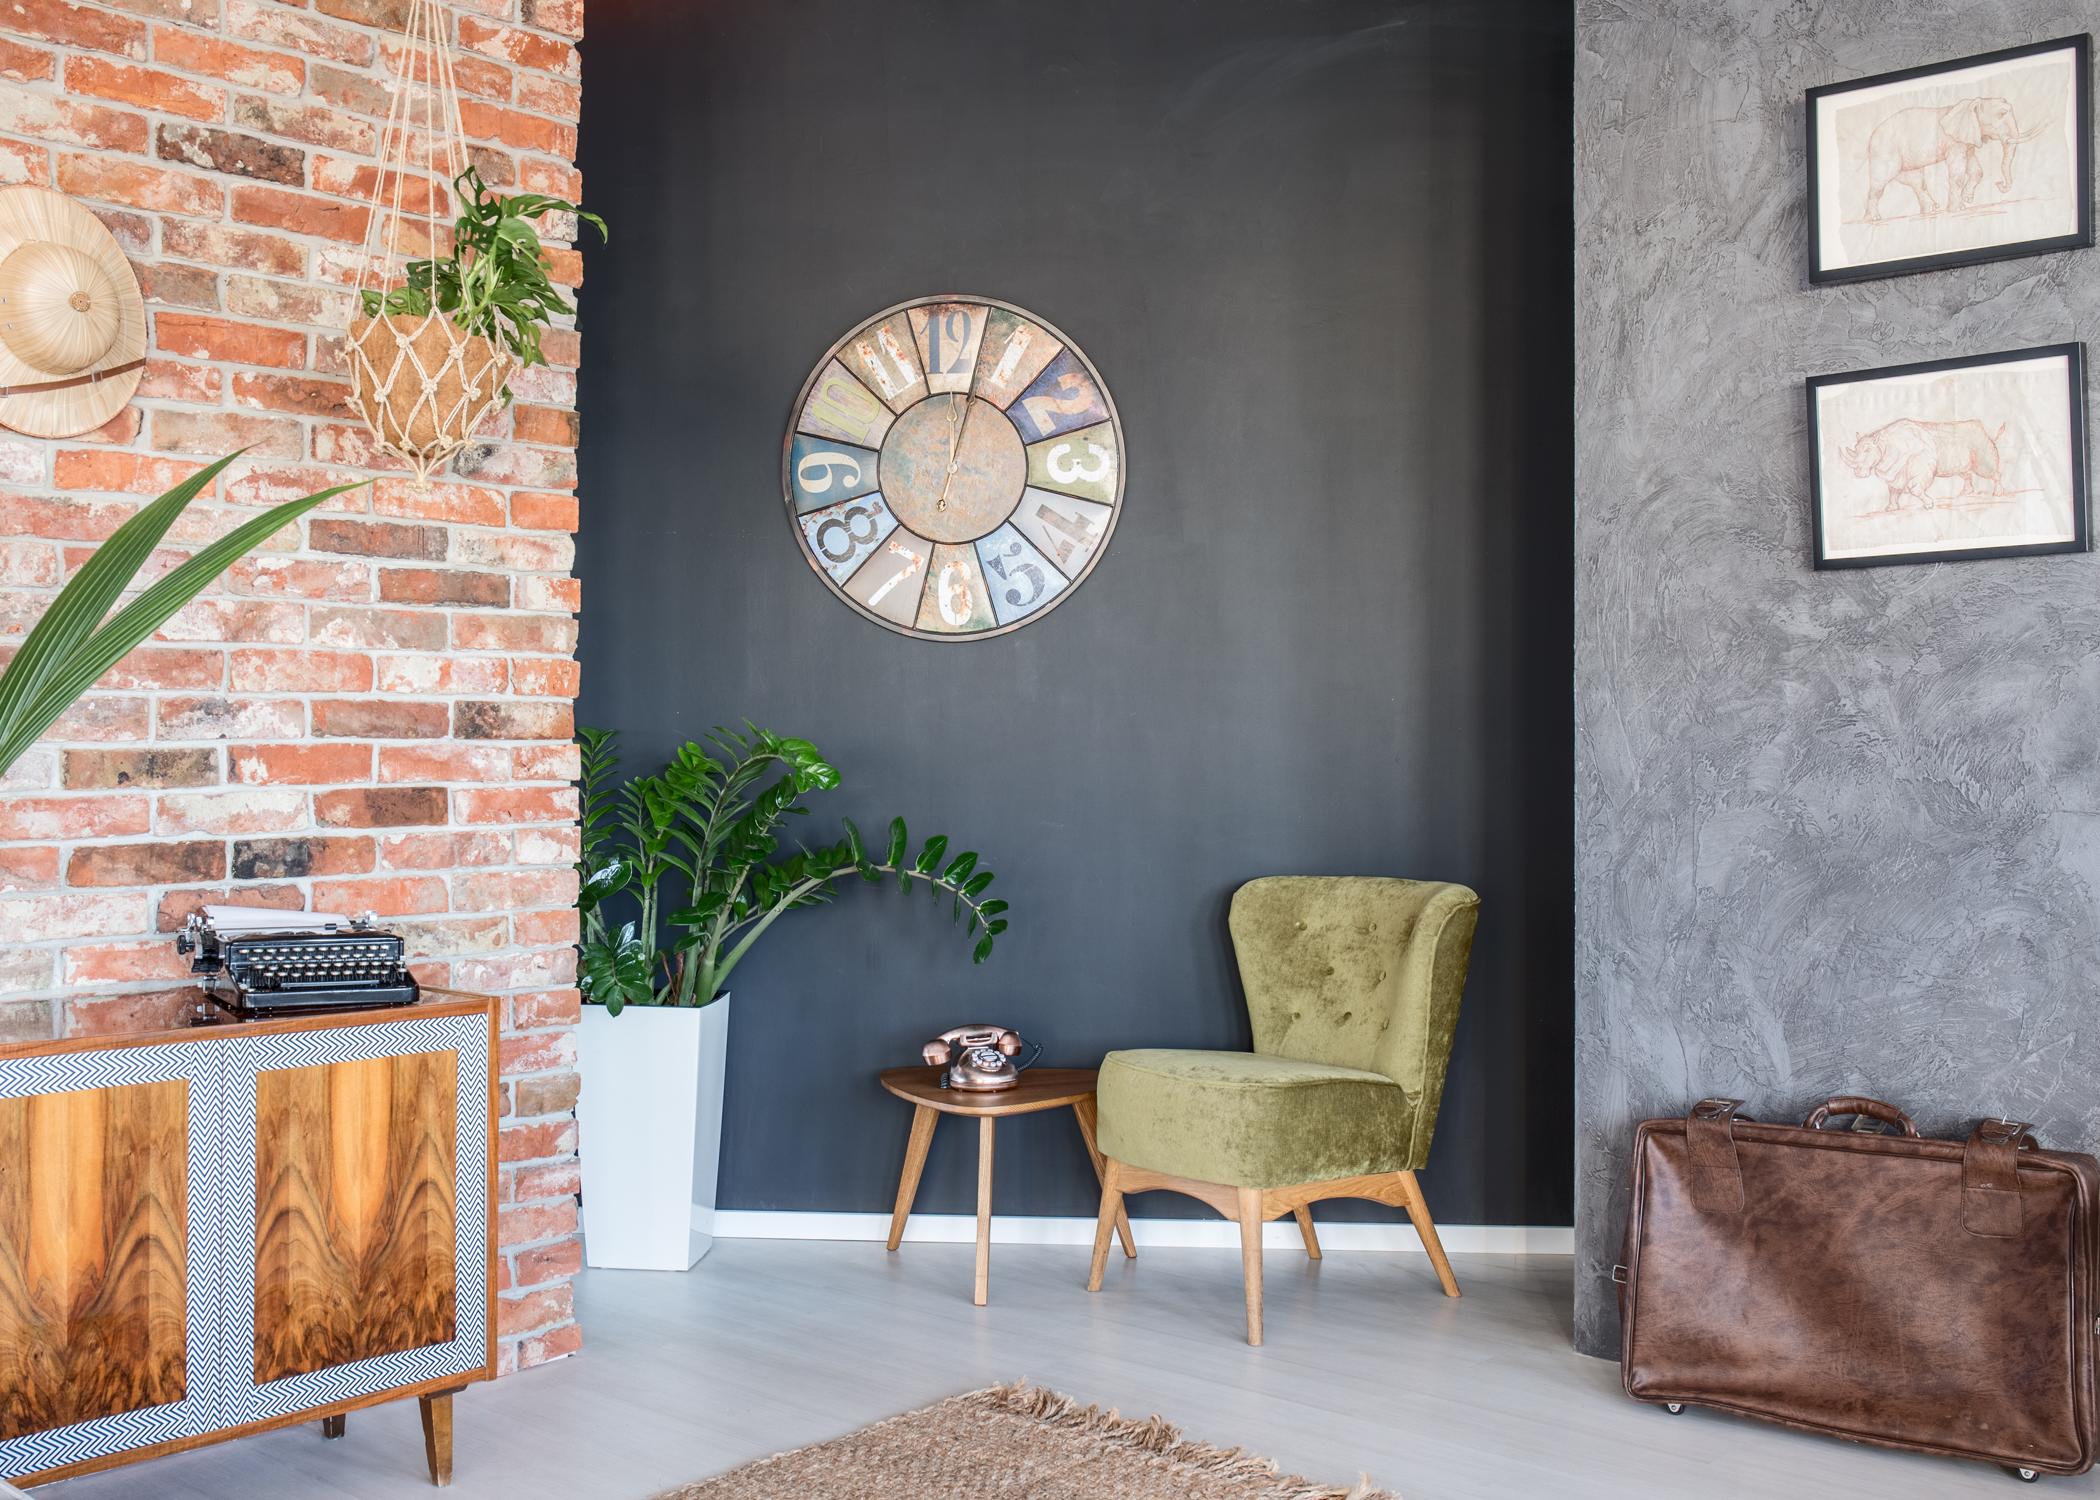 harmsworth-top-wallpaper-in-brampton